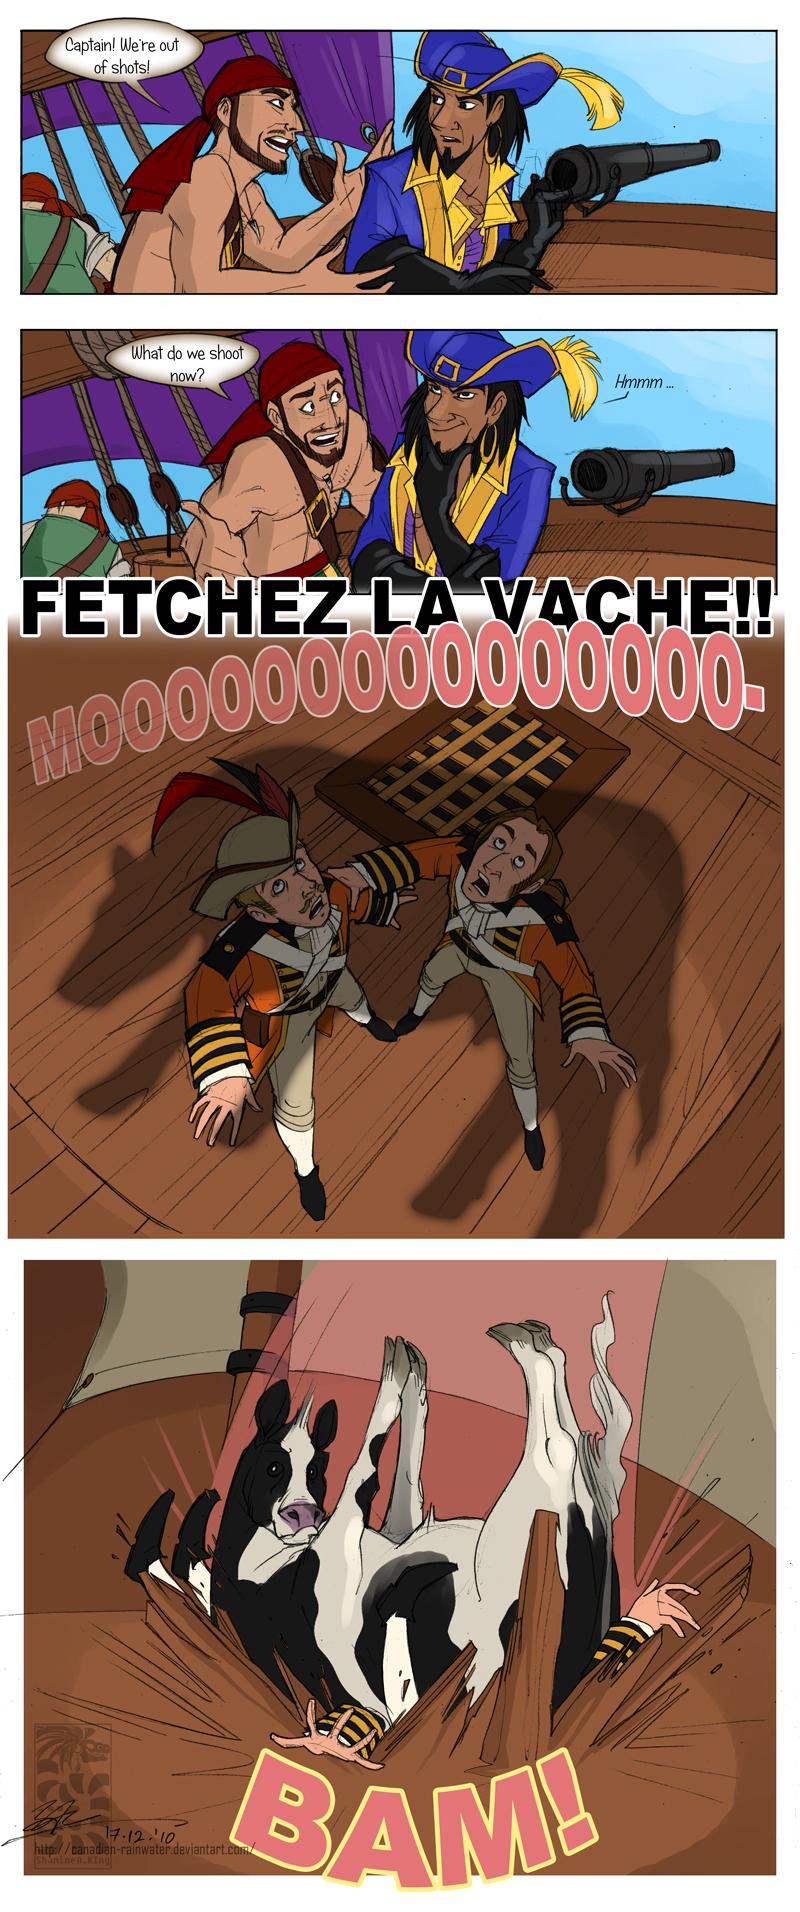 Fetchez La Vache! by Quarter-Virus